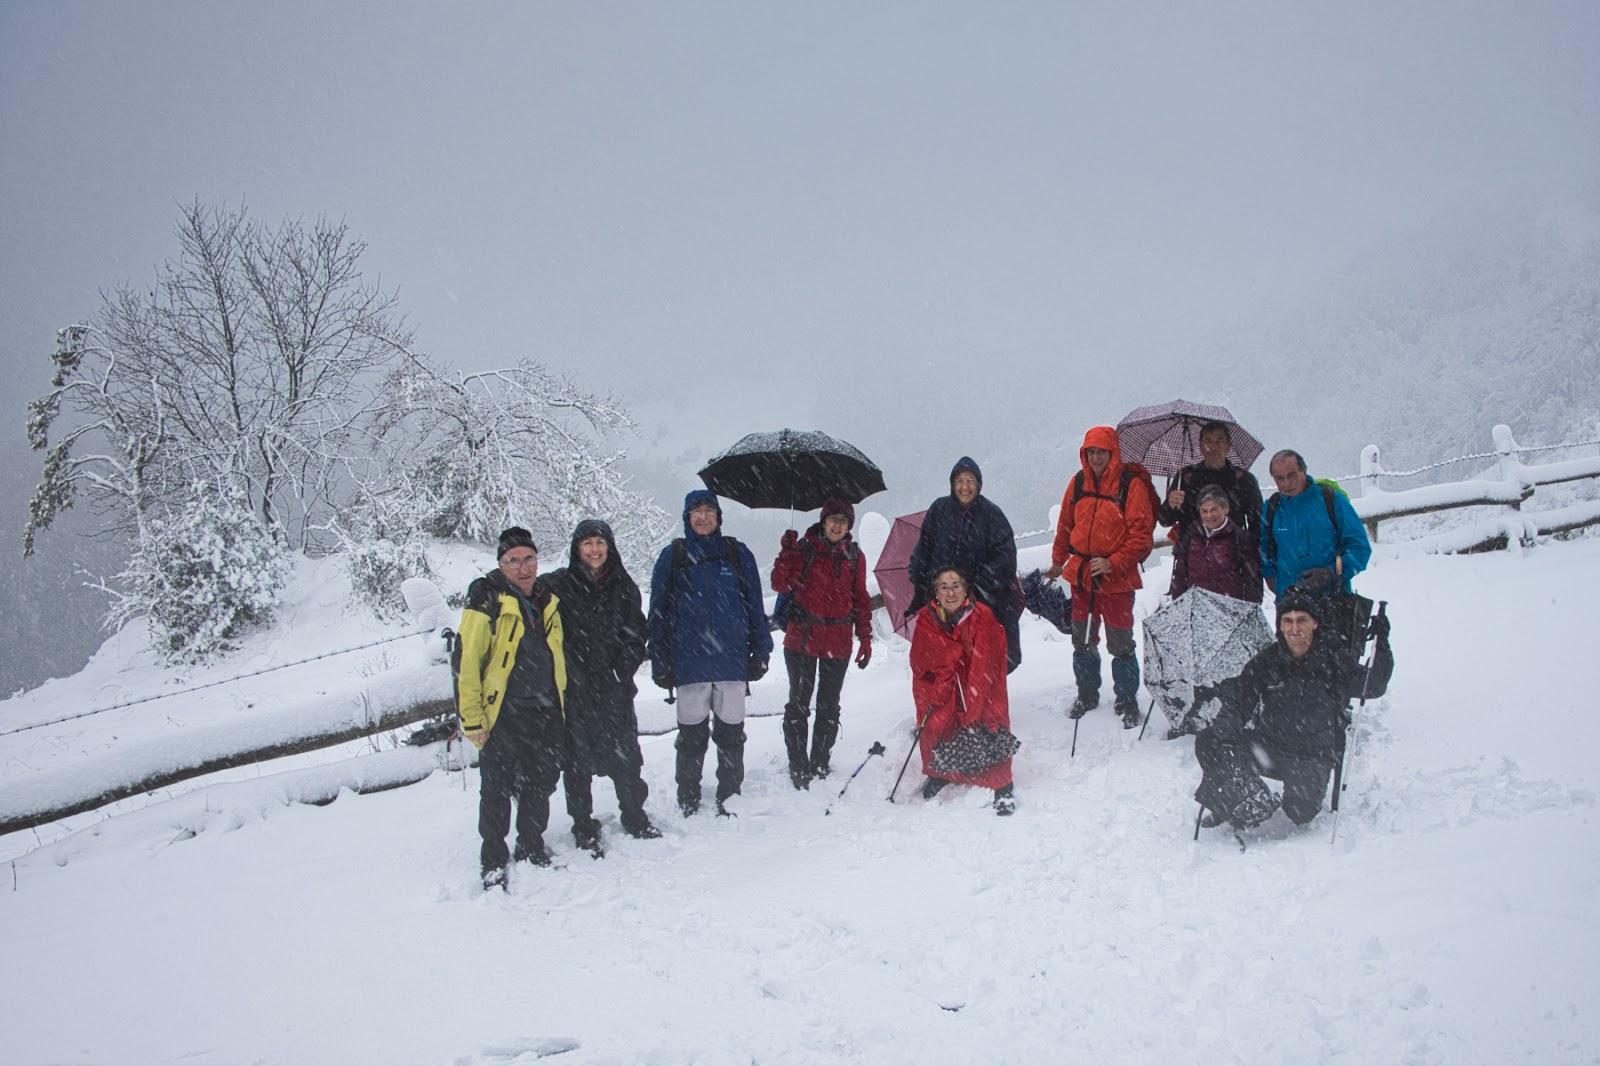 10 noviembre, 2019: Caminata por Xomezana con nieve (foto de grupo)